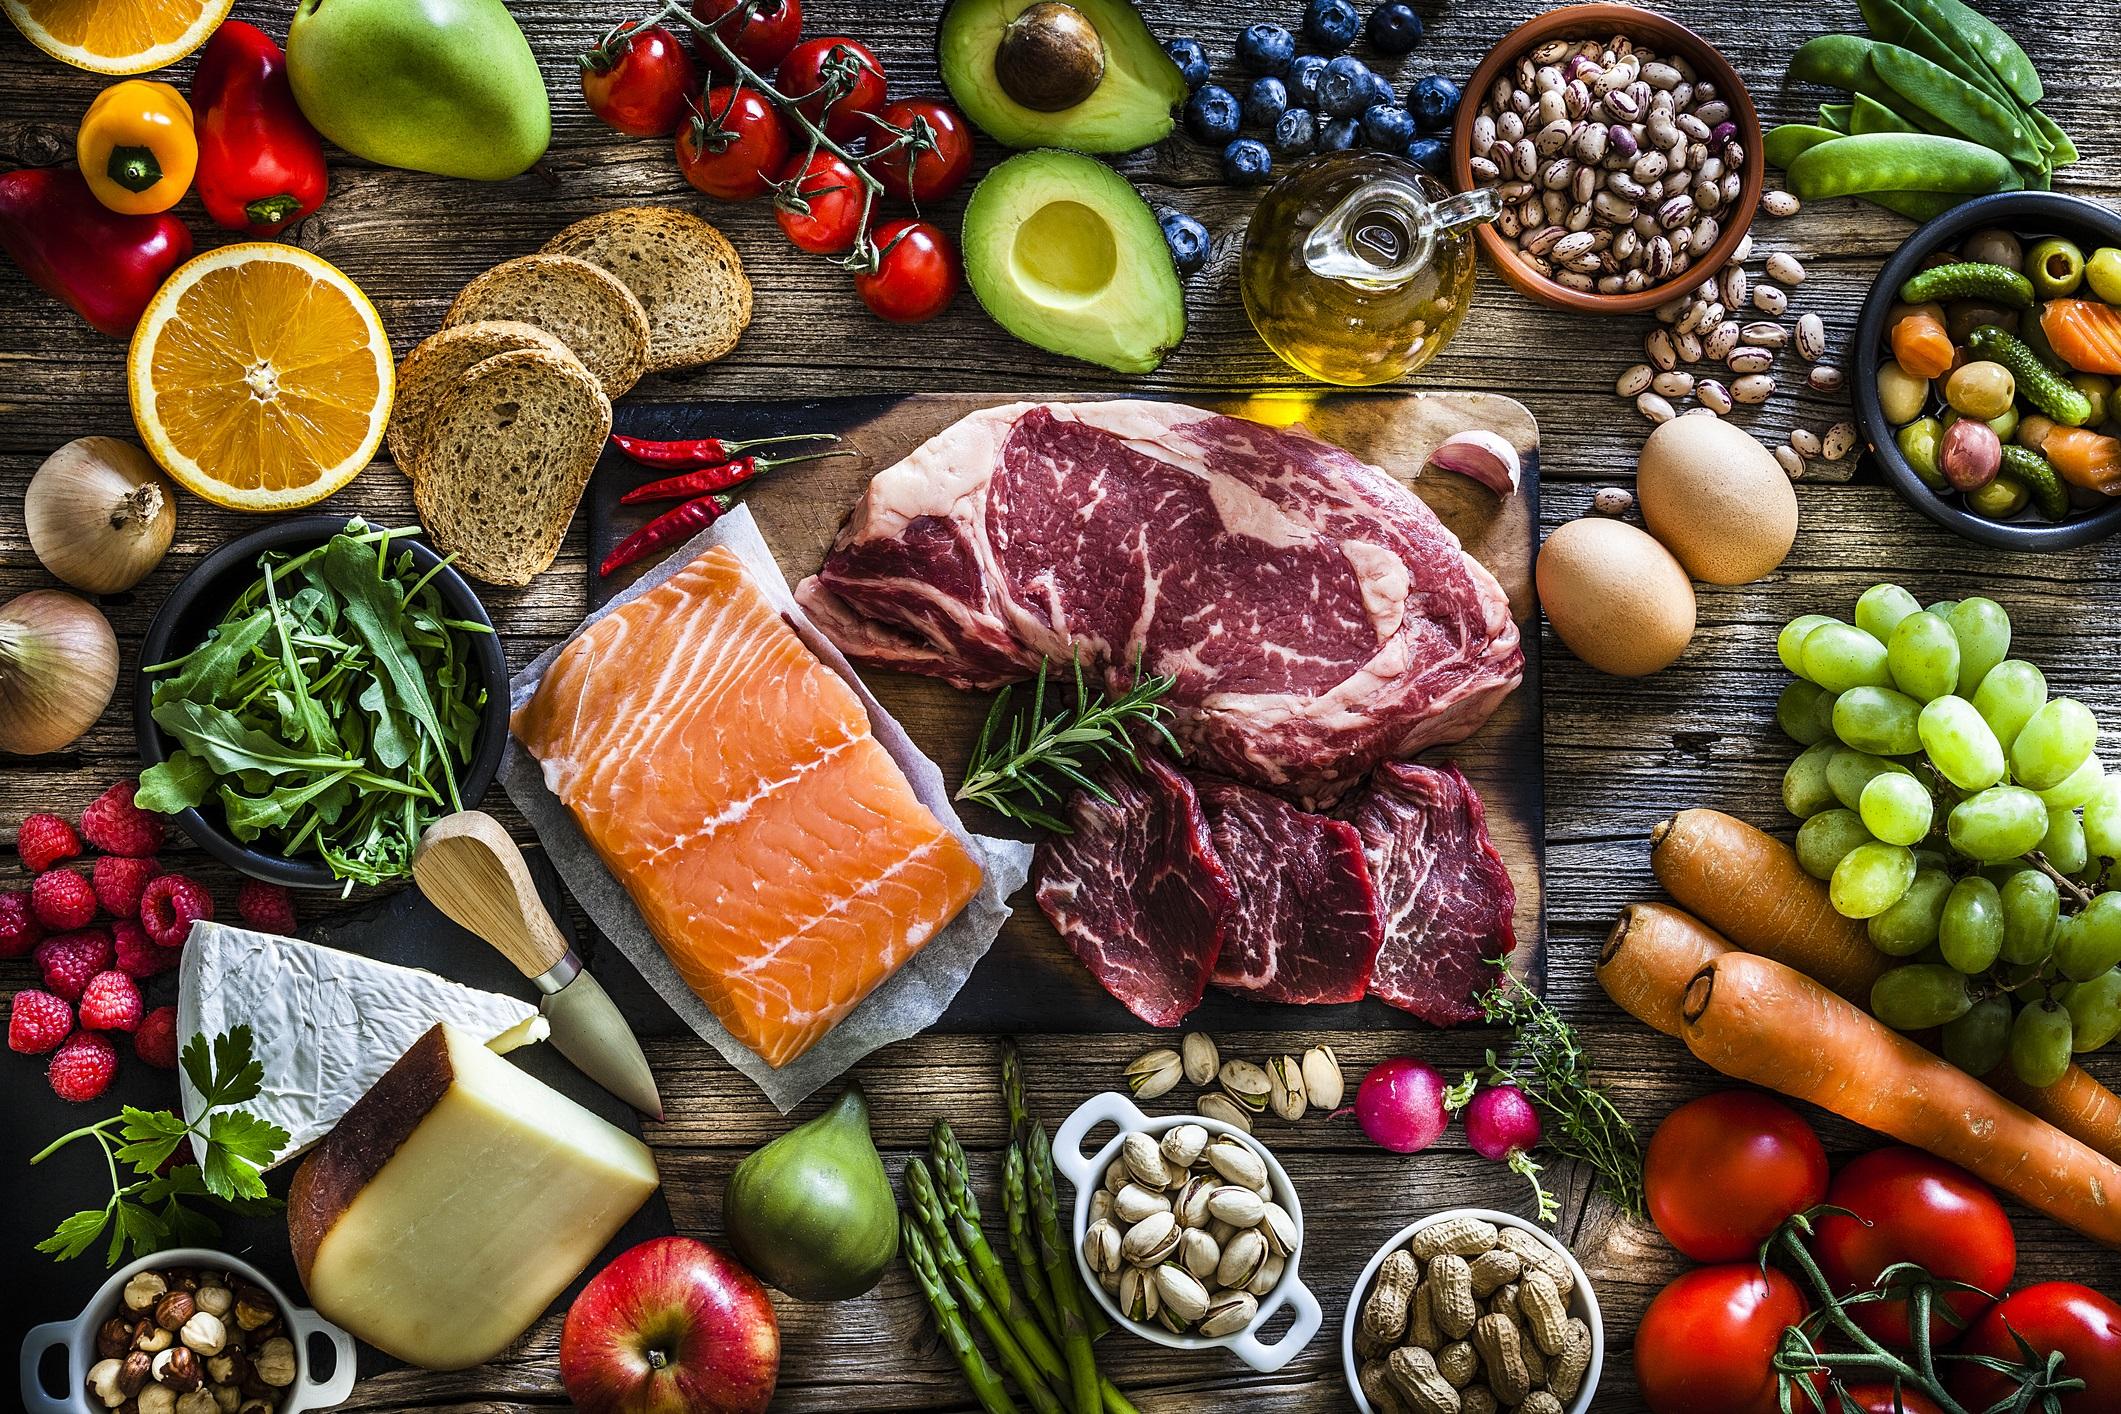 <p>Обърнете се към плодове, зеленчуци, постно месо и здравословни закуски, като ядки. Запасете килера и хладилника си само с здравословни храни и няма да се изкушите да изядете кутия сладолед, когато сте депресирани.</p>